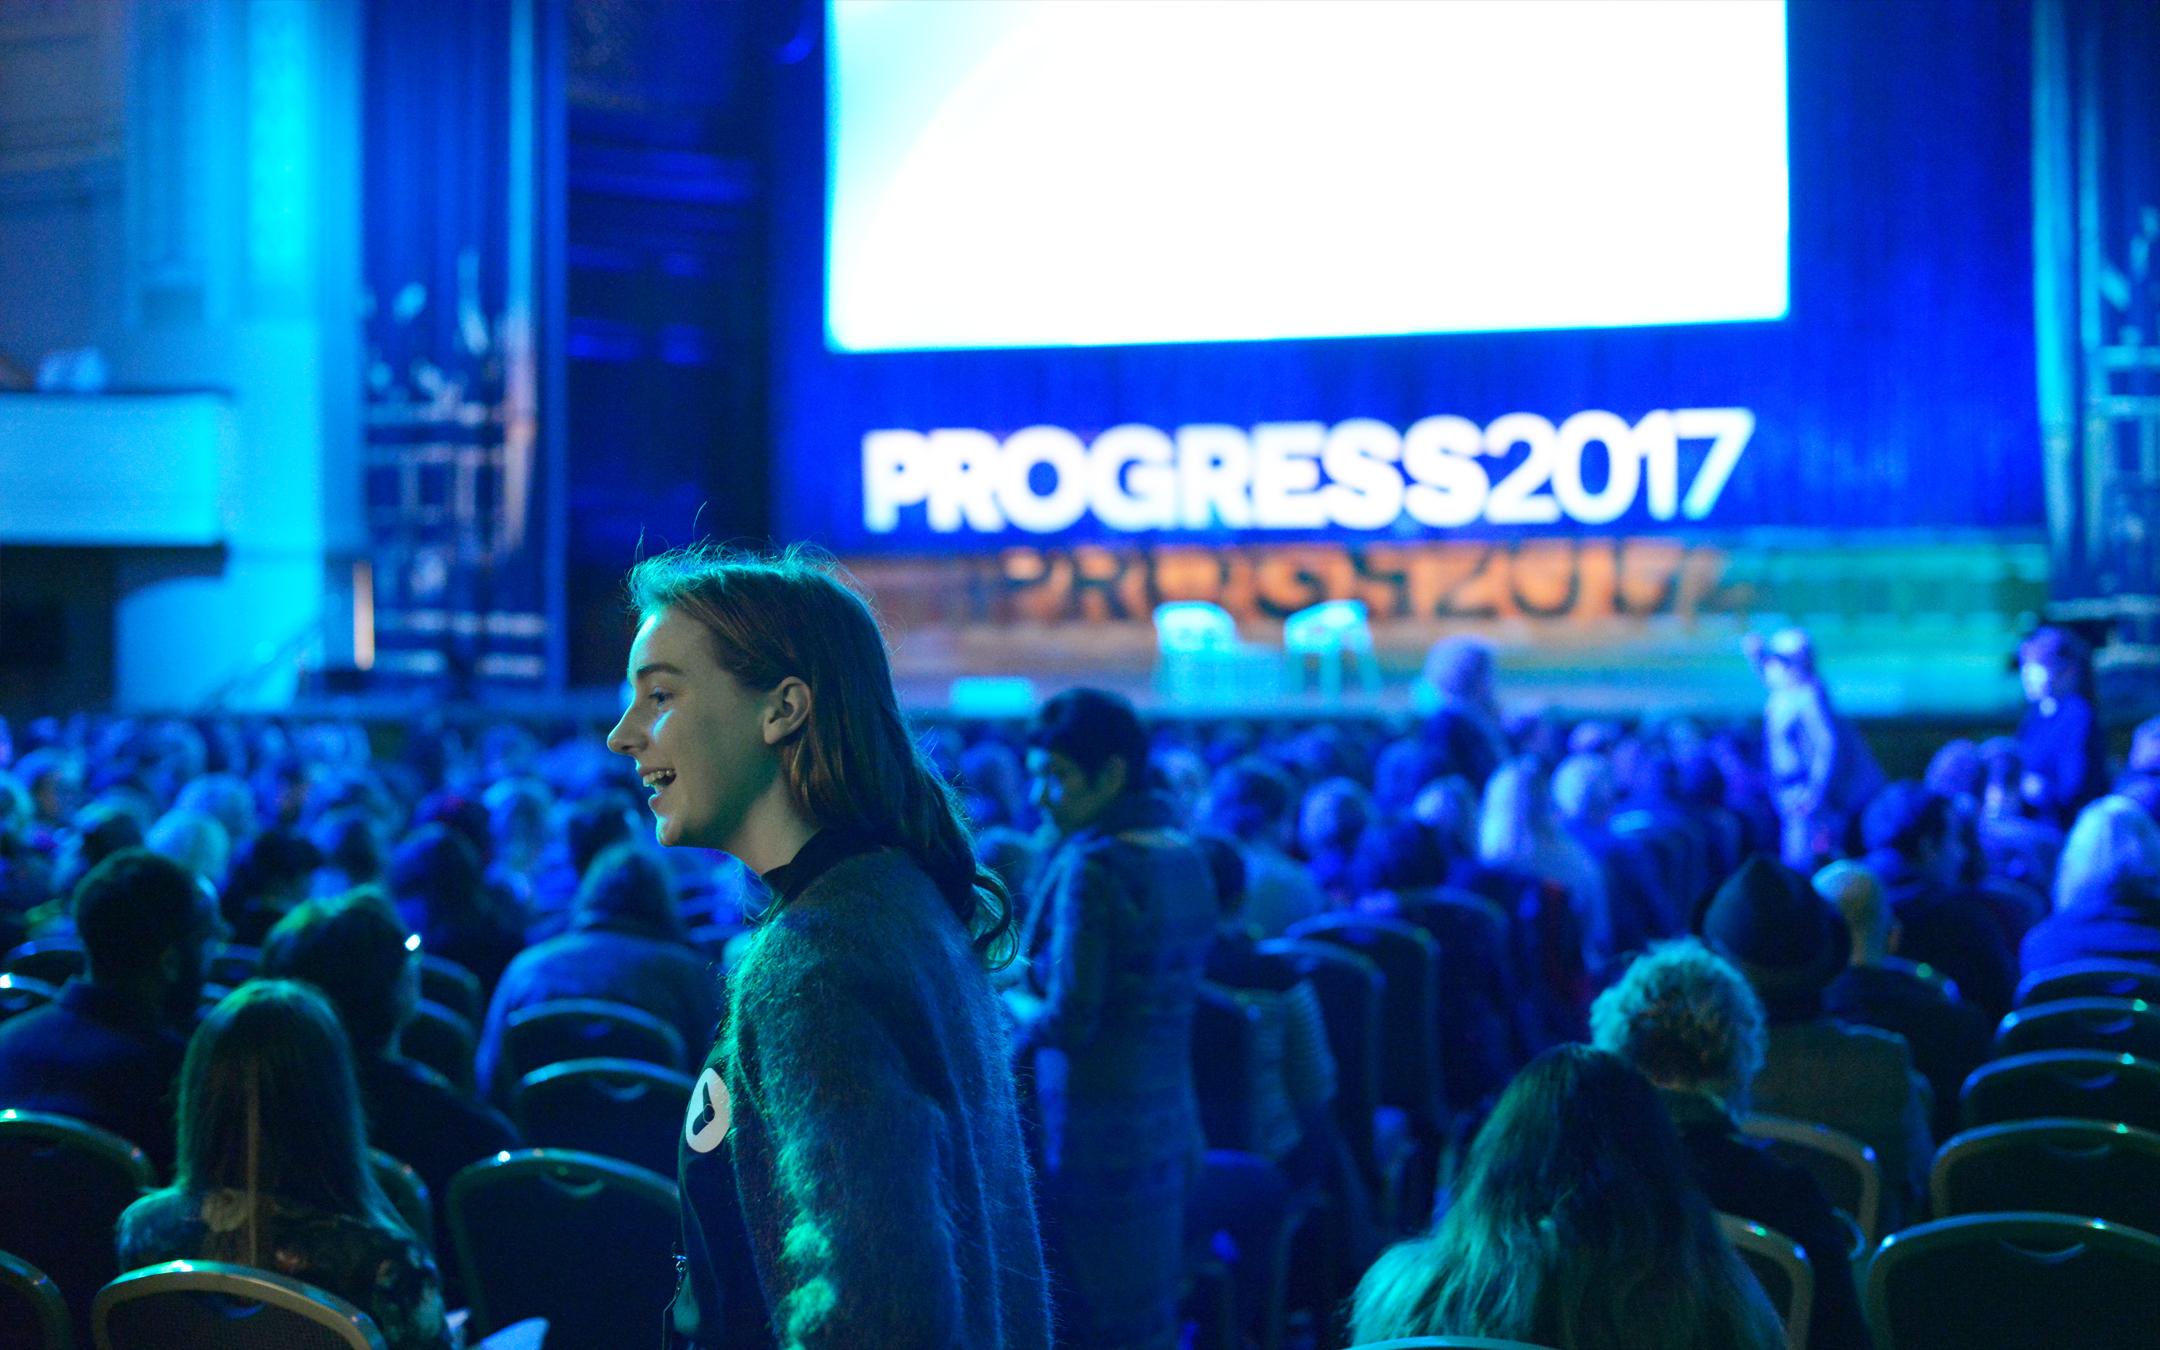 Crowd Progress 2017